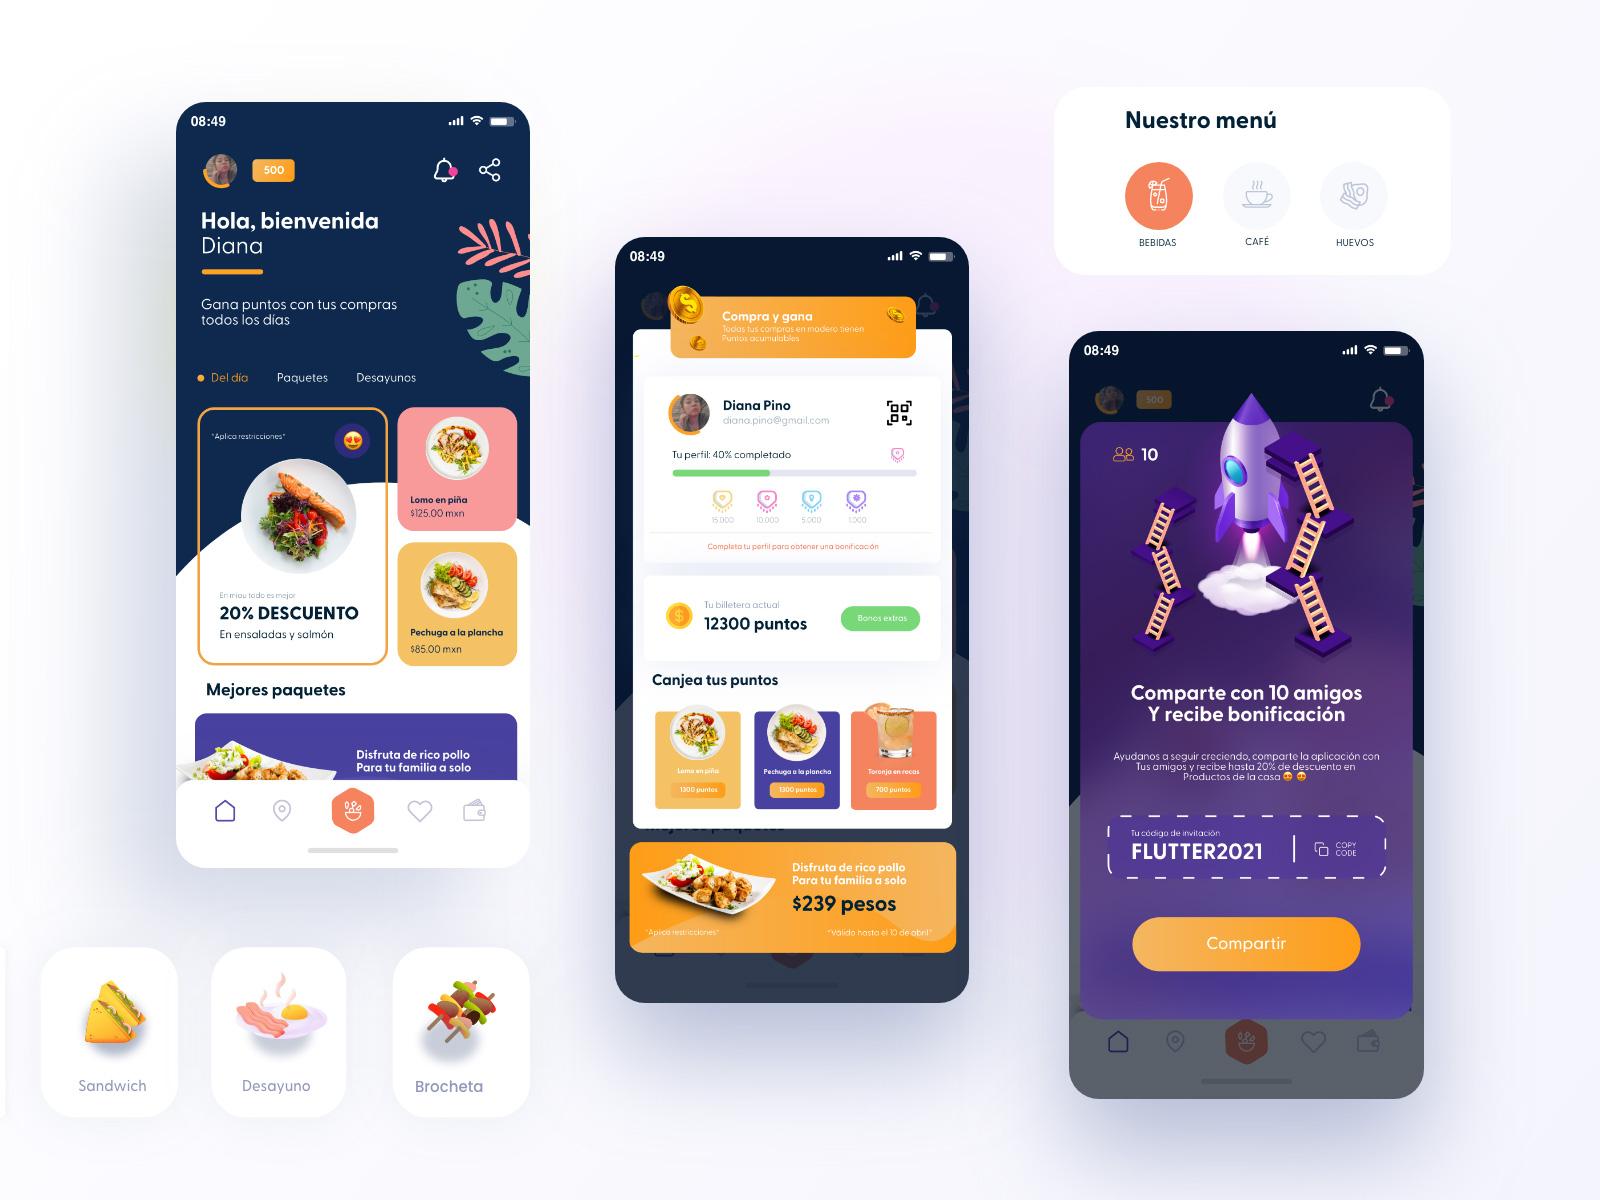 餐厅折扣优惠应用用户界面设计模板插图